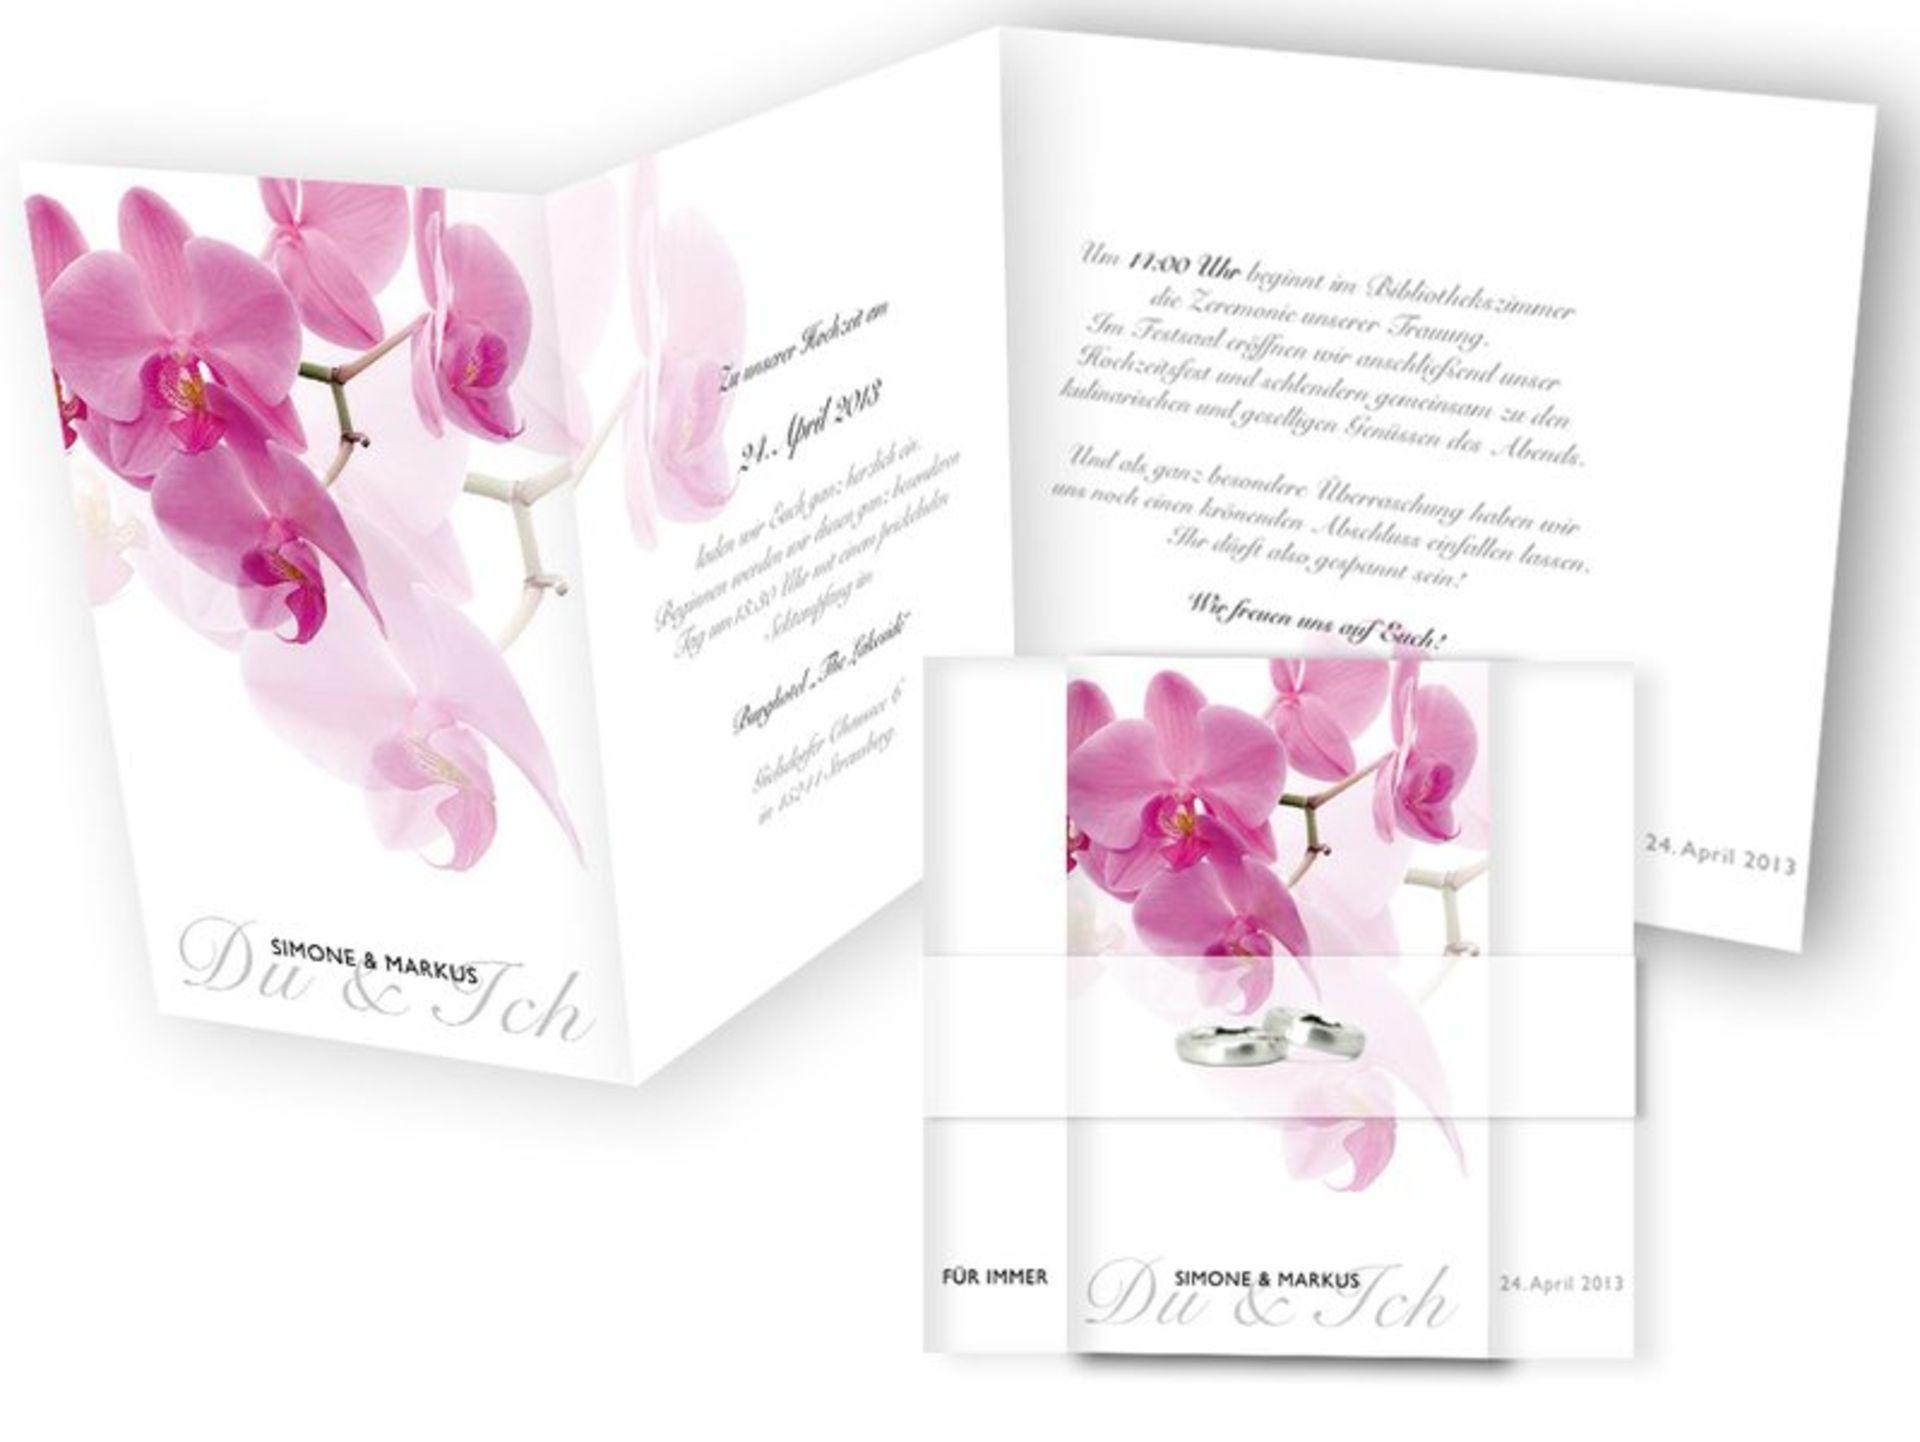 Spruche Zitate Fur Ihre Hochzeitseinladungen